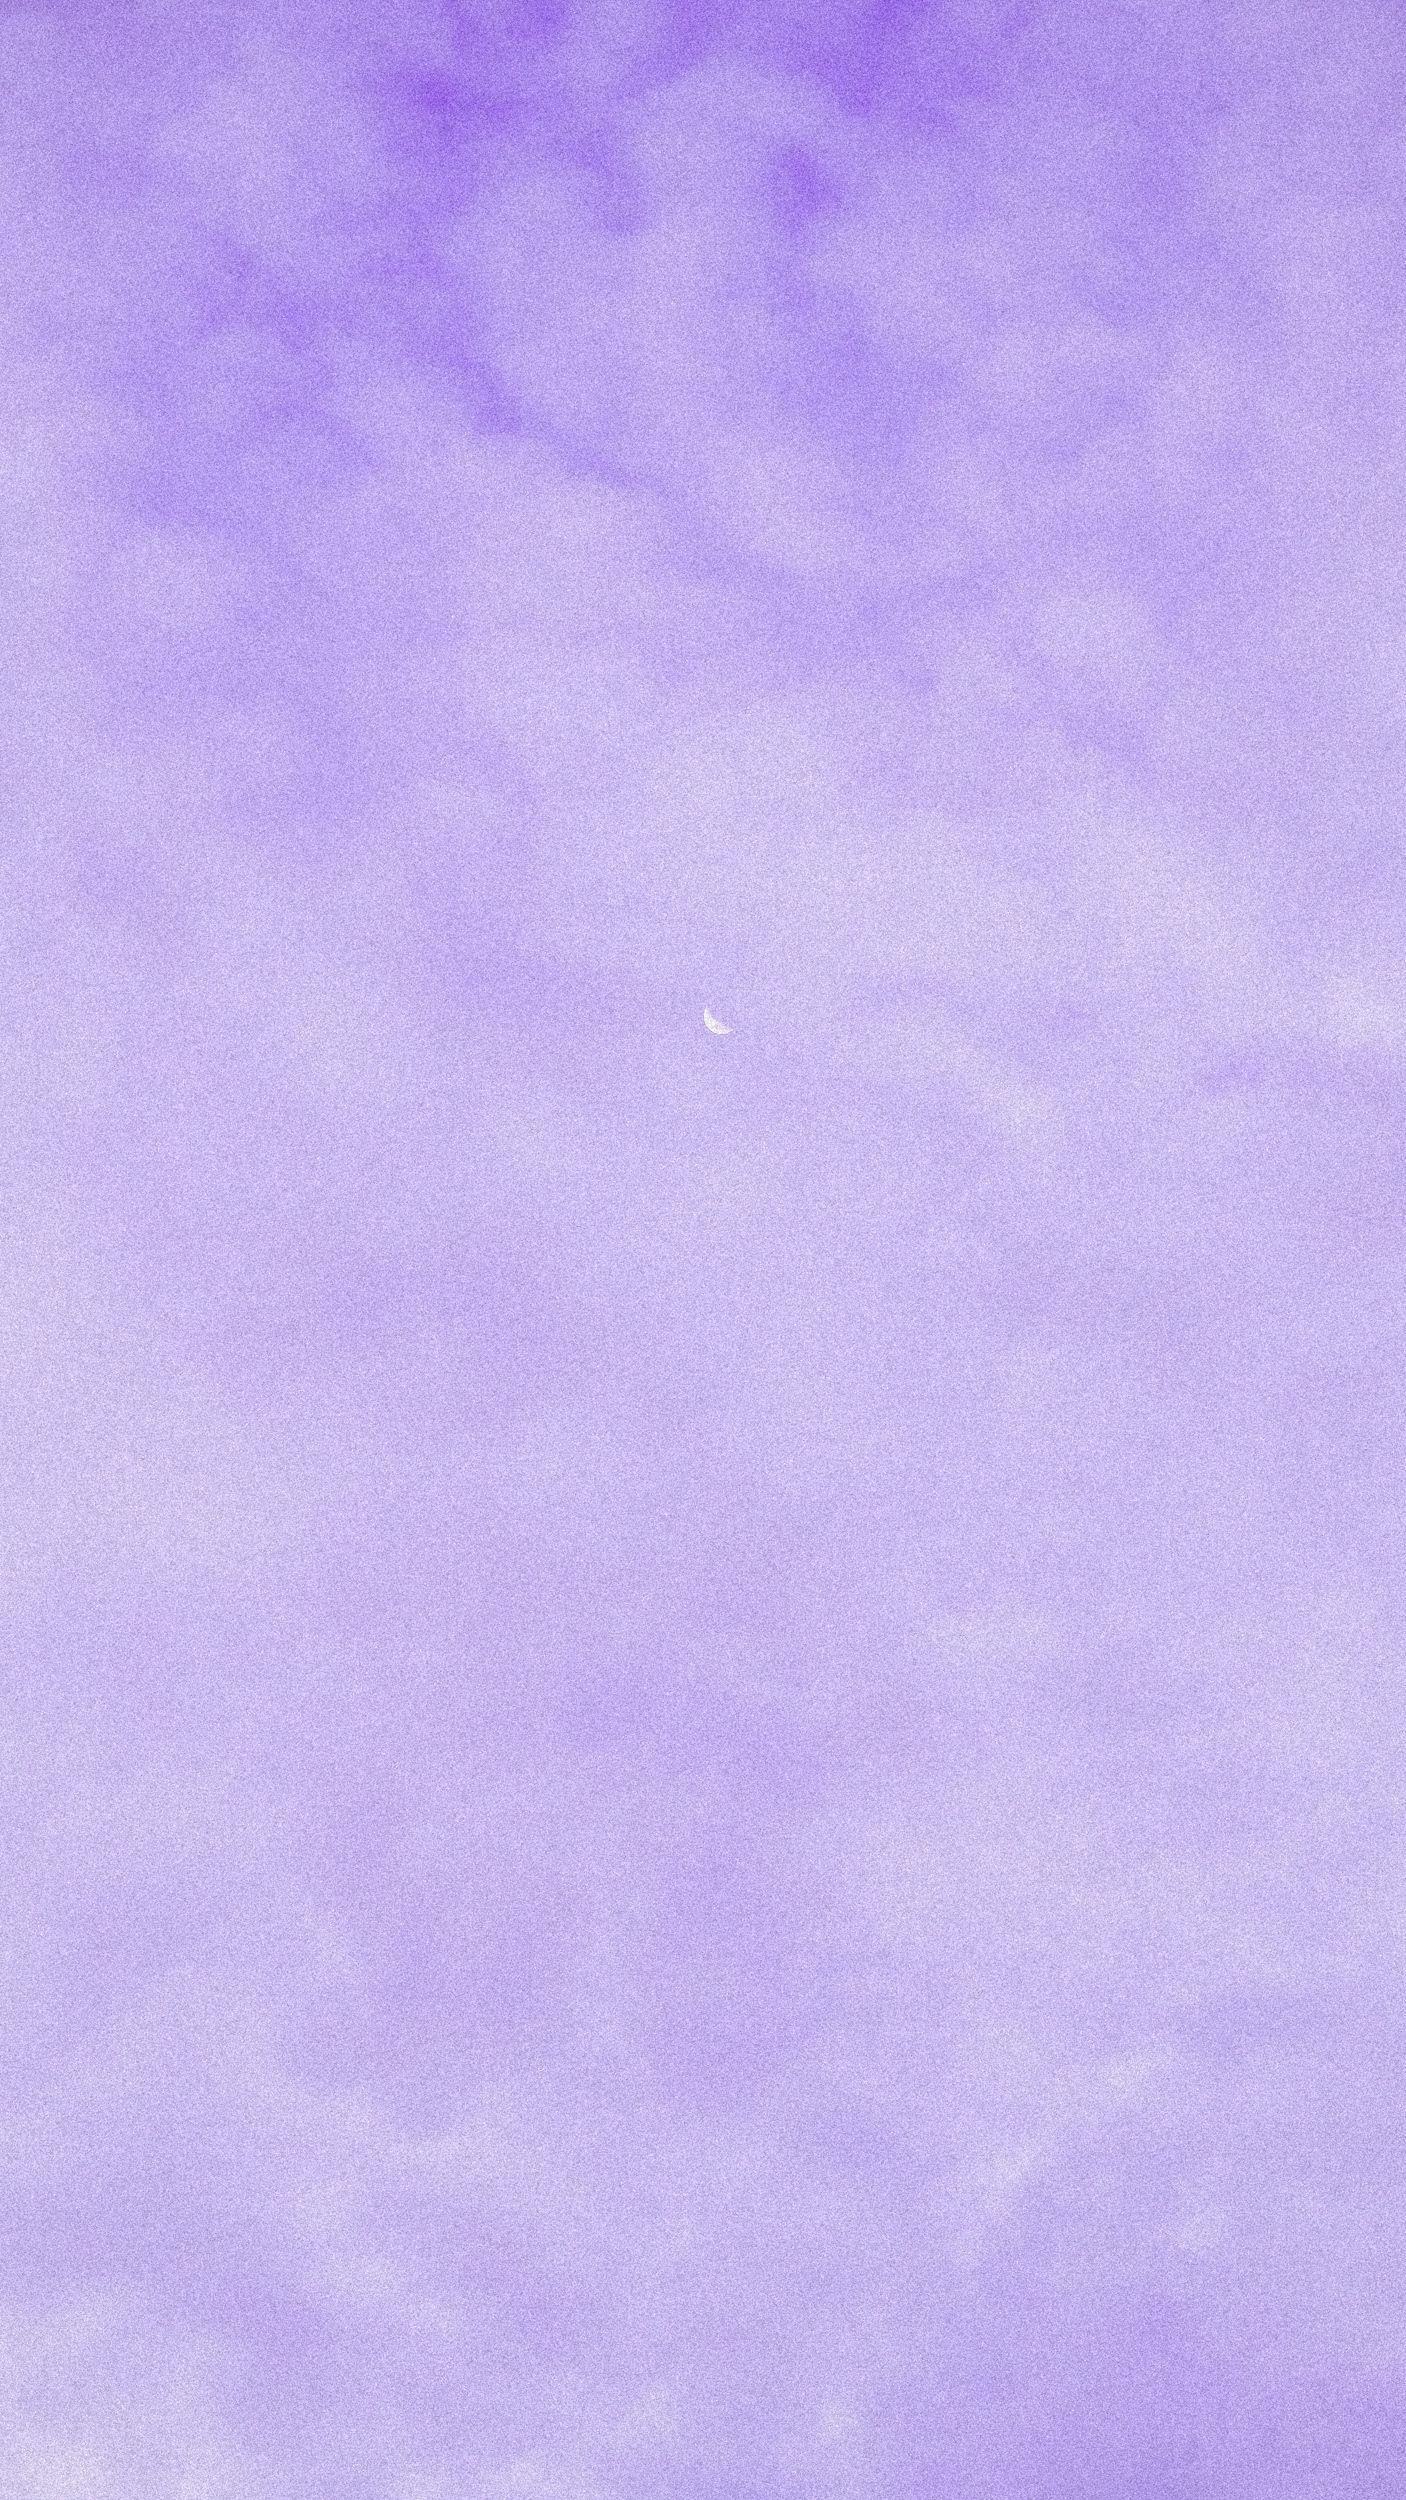 Vintage Film Purple Cloud Moon Wallpaper